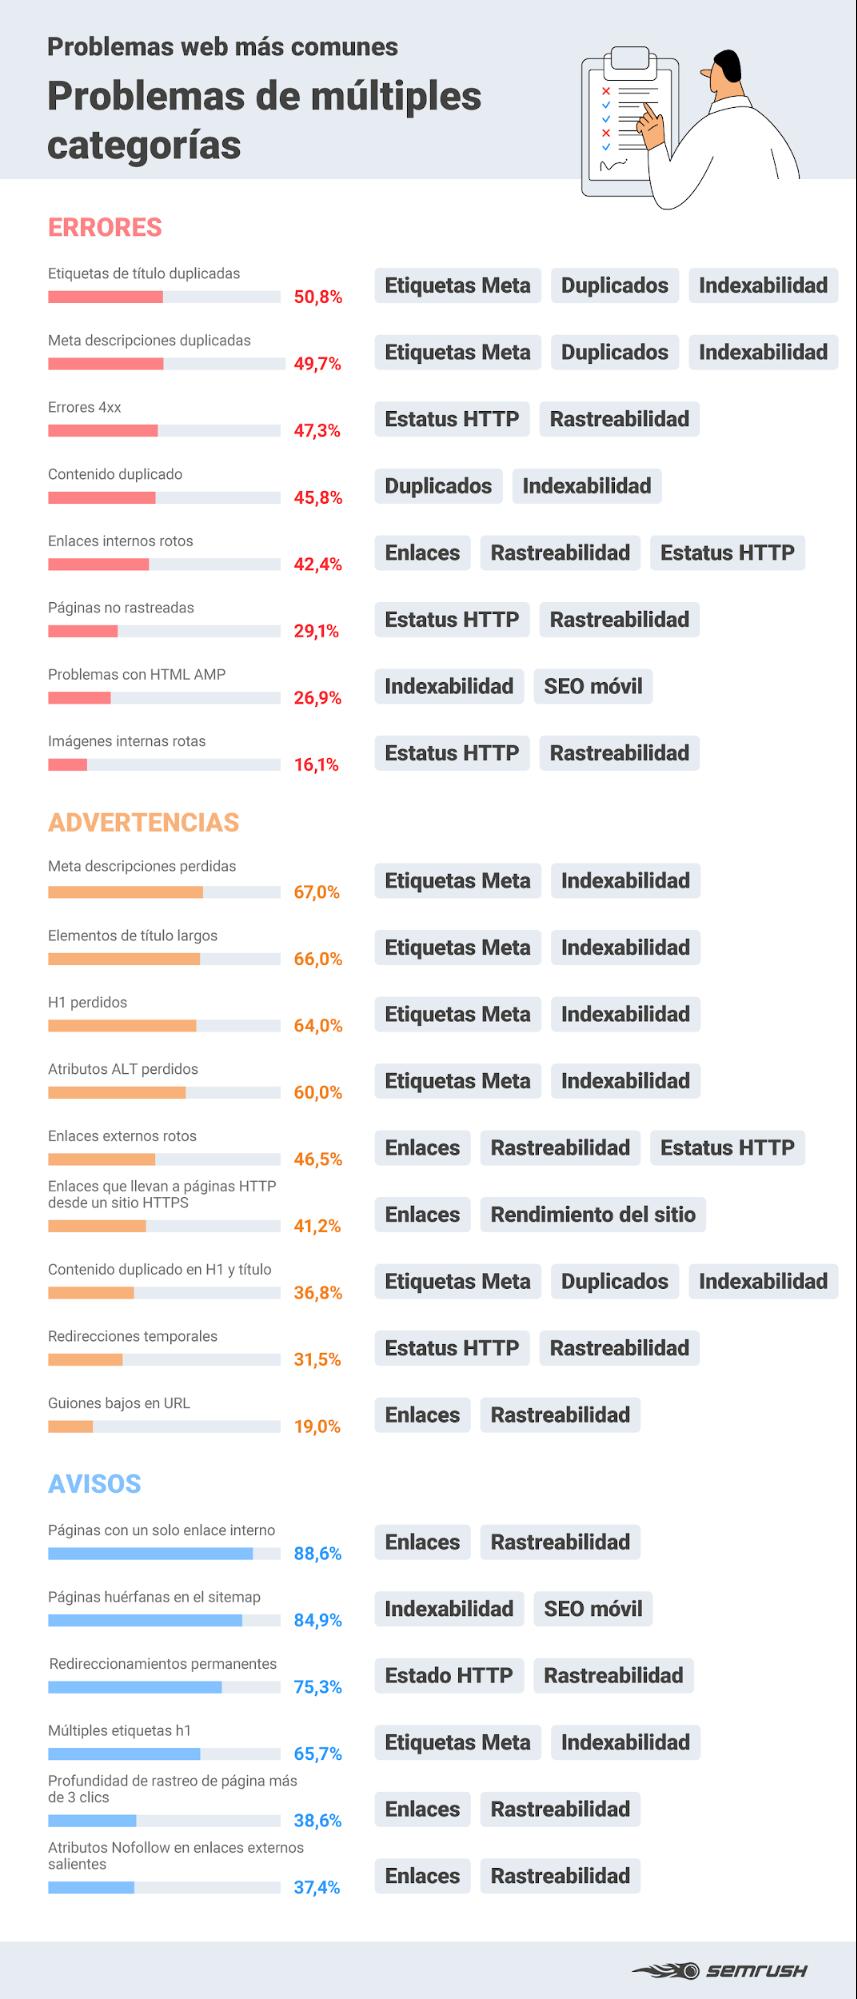 Errores SEO - Infografía problemas múltiples categorías